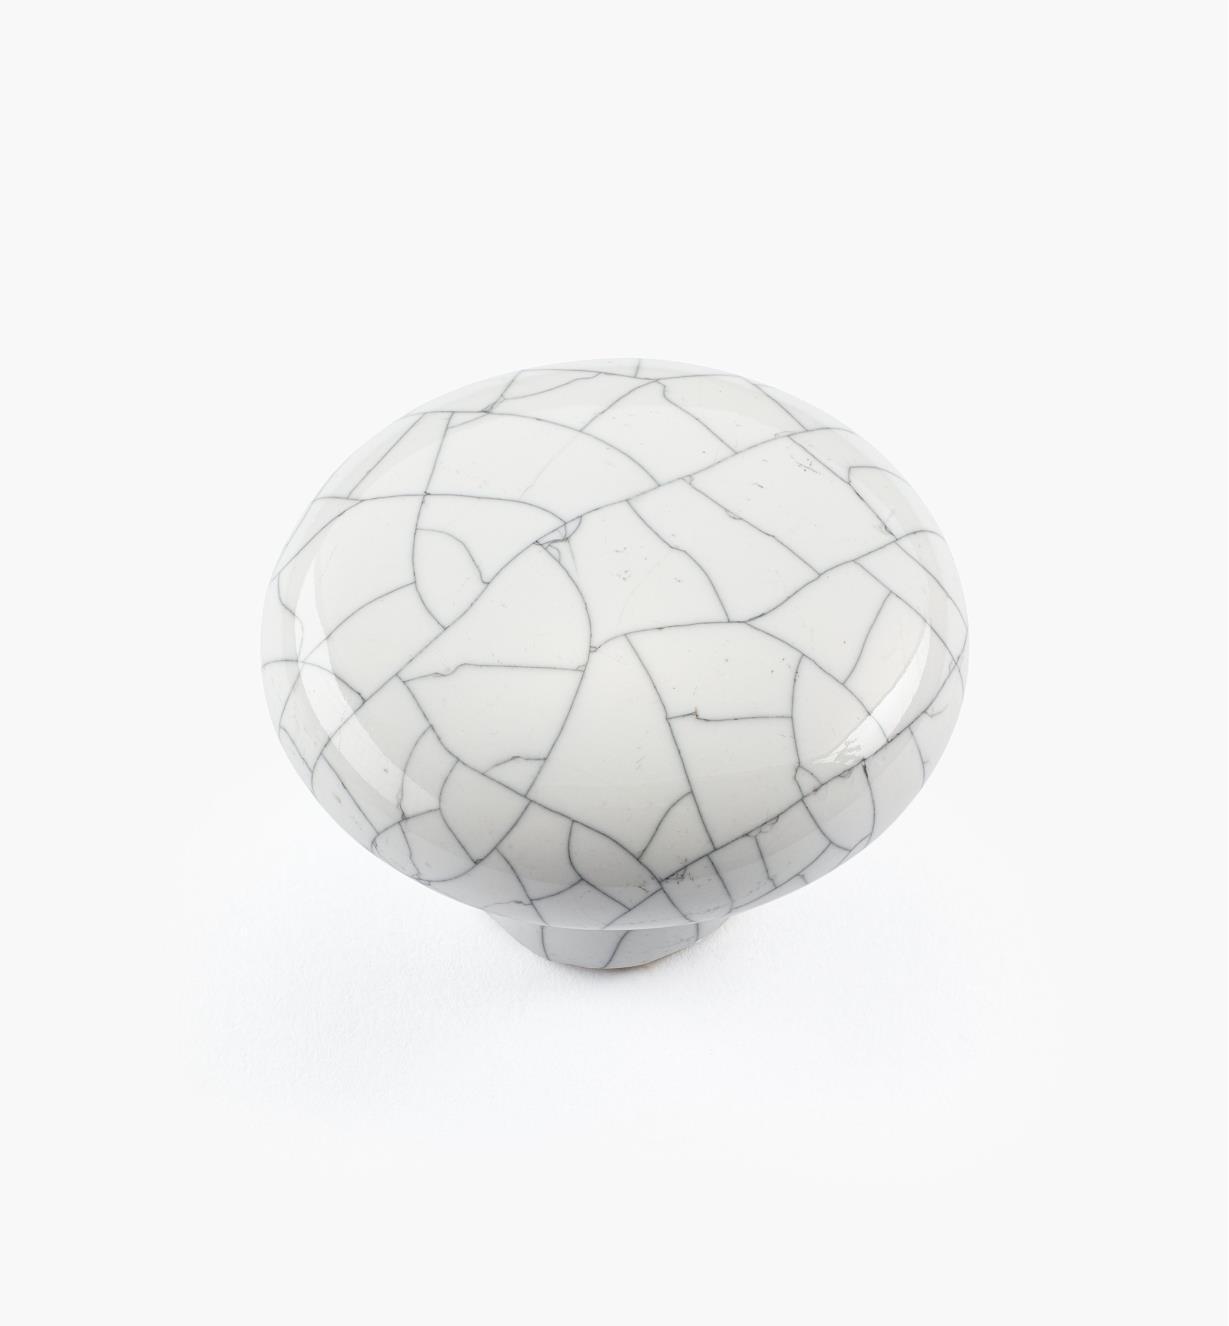 00W5203 - Bouton rond en céramique, série Craquelé, blanc, 1 1/2 po x 1 1/16 po